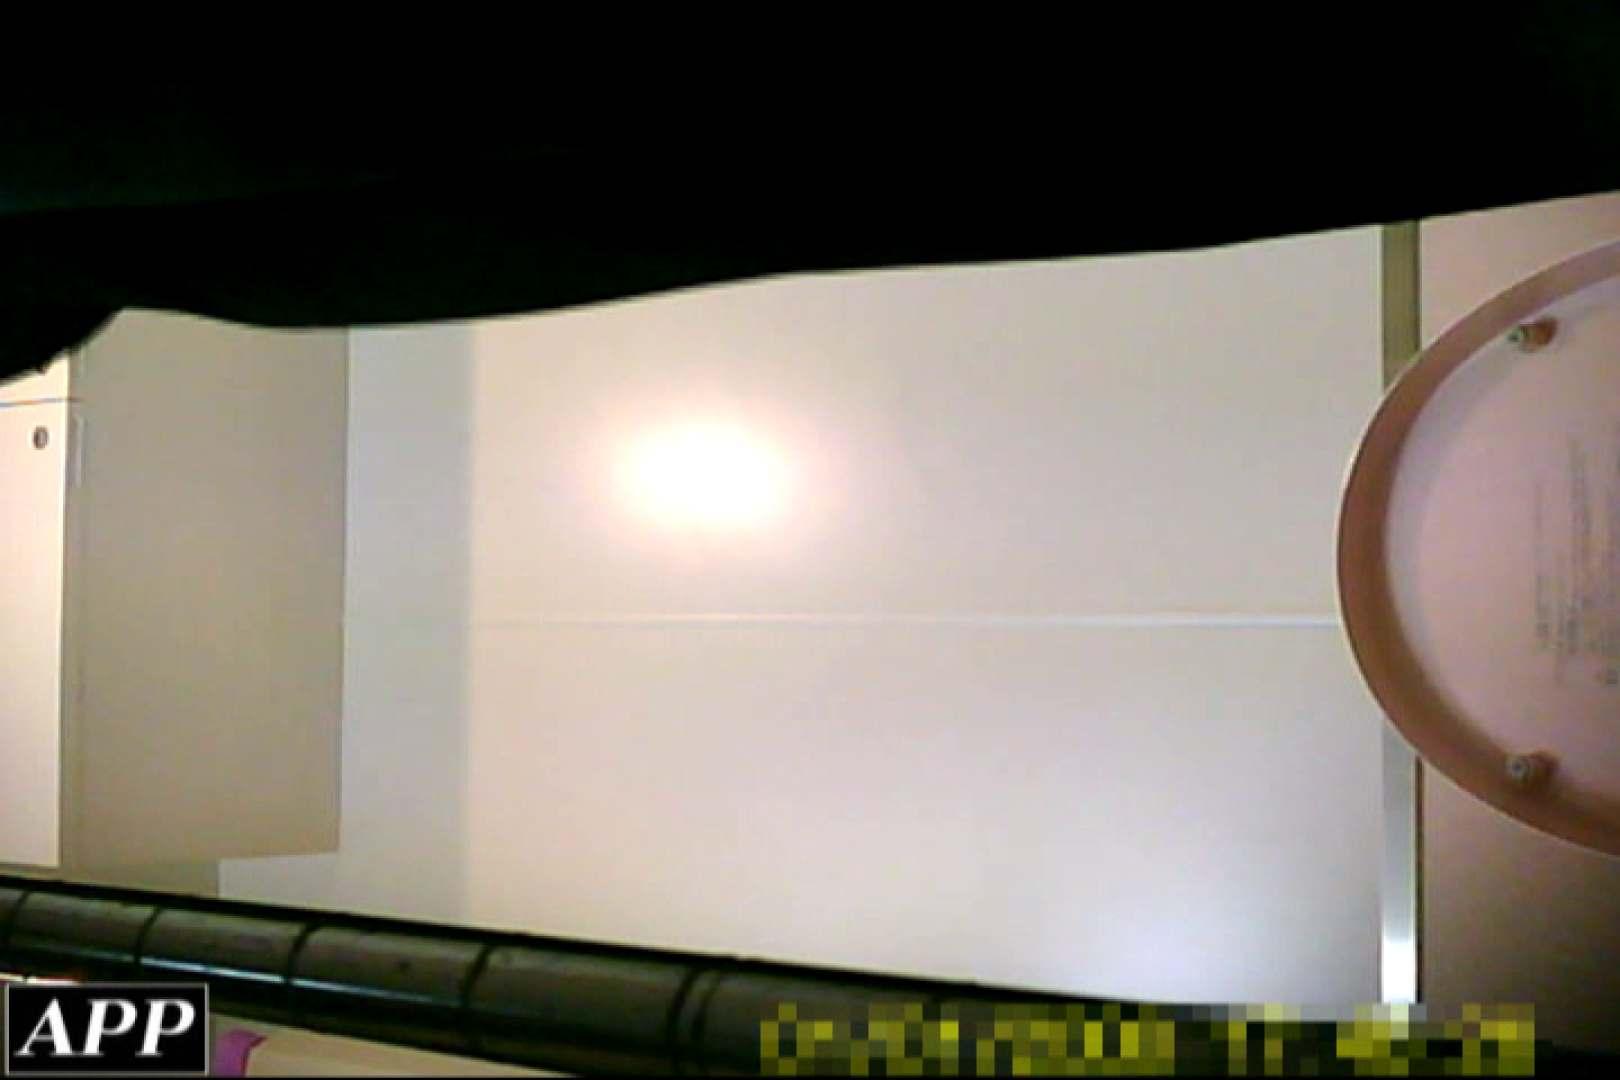 3視点洗面所 vol.84 美しいOLの裸体 オマンコ無修正動画無料 89pic 56